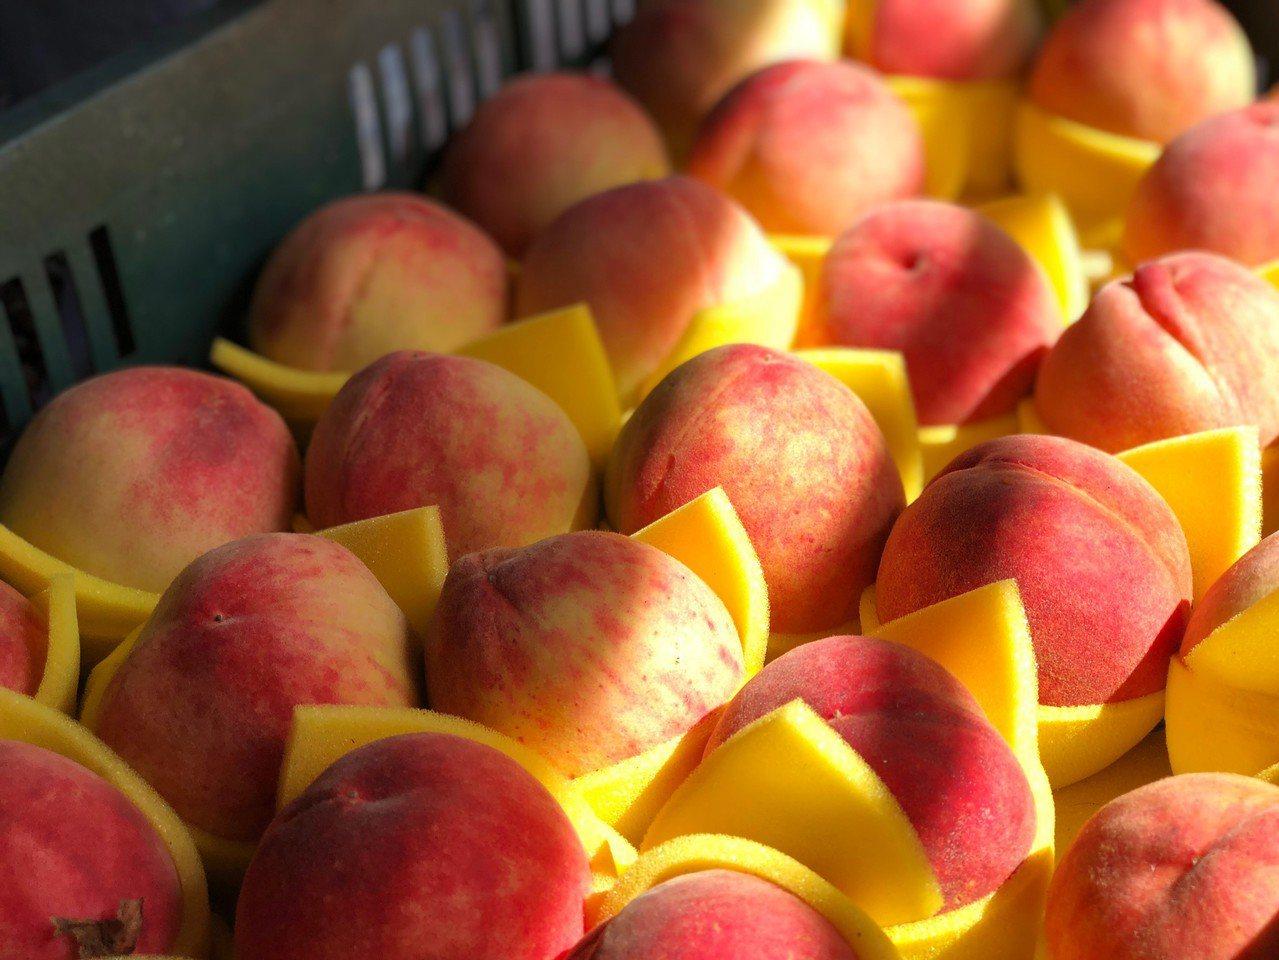 由於今年受暖冬影響,導致桃樹開花結果不良,尖石水蜜桃產量銳減。圖/尖石鄉公所提供